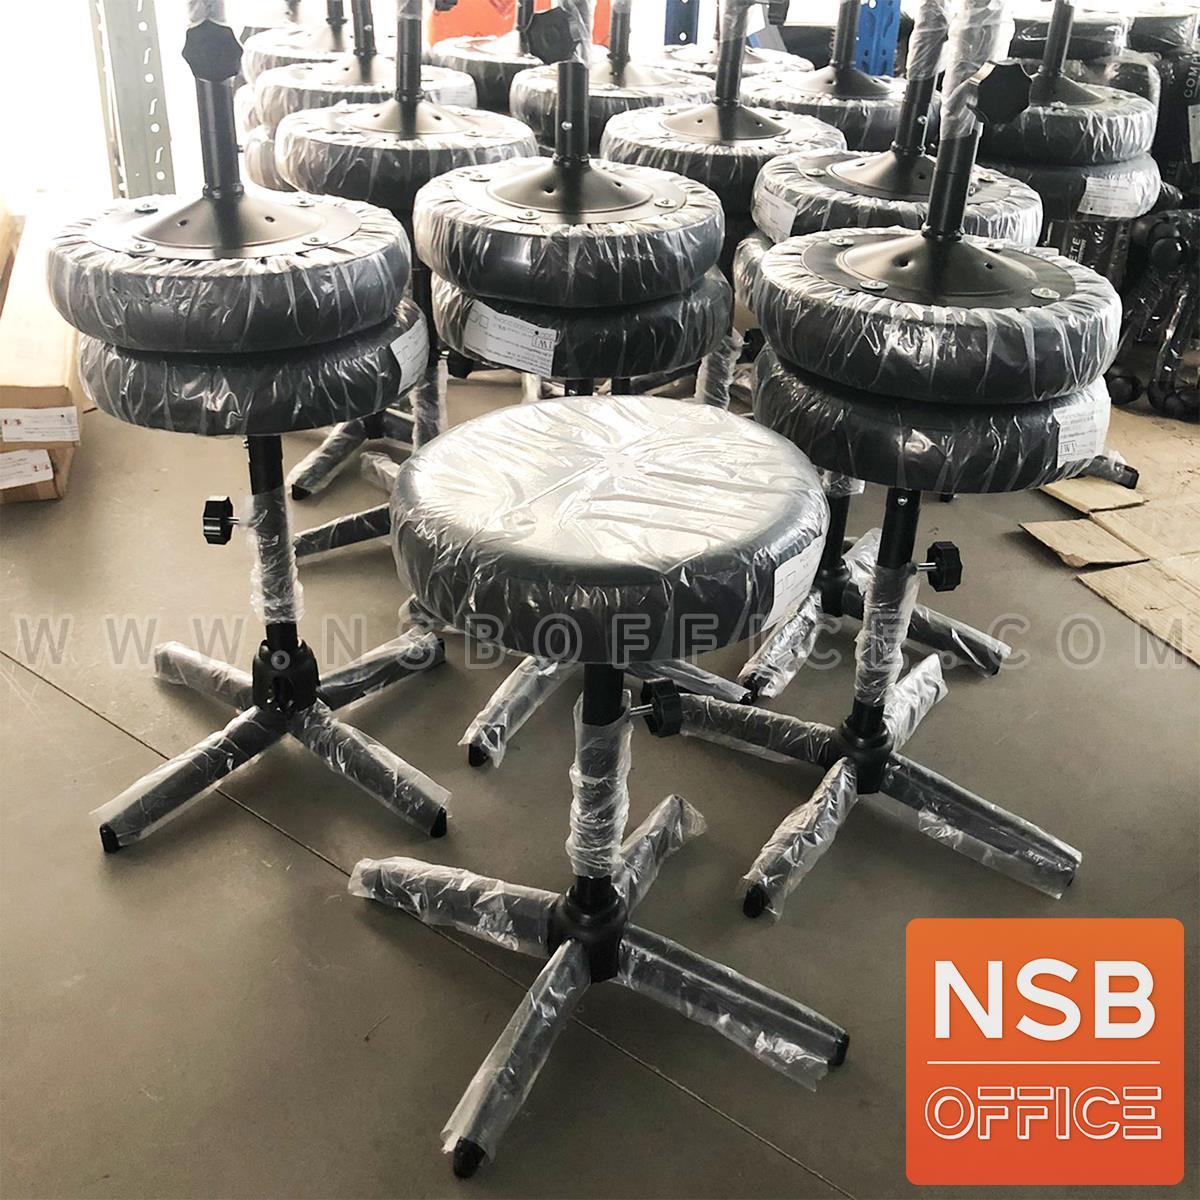 เก้าอี้บาร์สตูลที่นั่งกลม รุ่น Norabel (นอร่าเบล) ขนาด 30.5Di*49H cm. ขาเหล็กพ่นดำ 4 แฉก